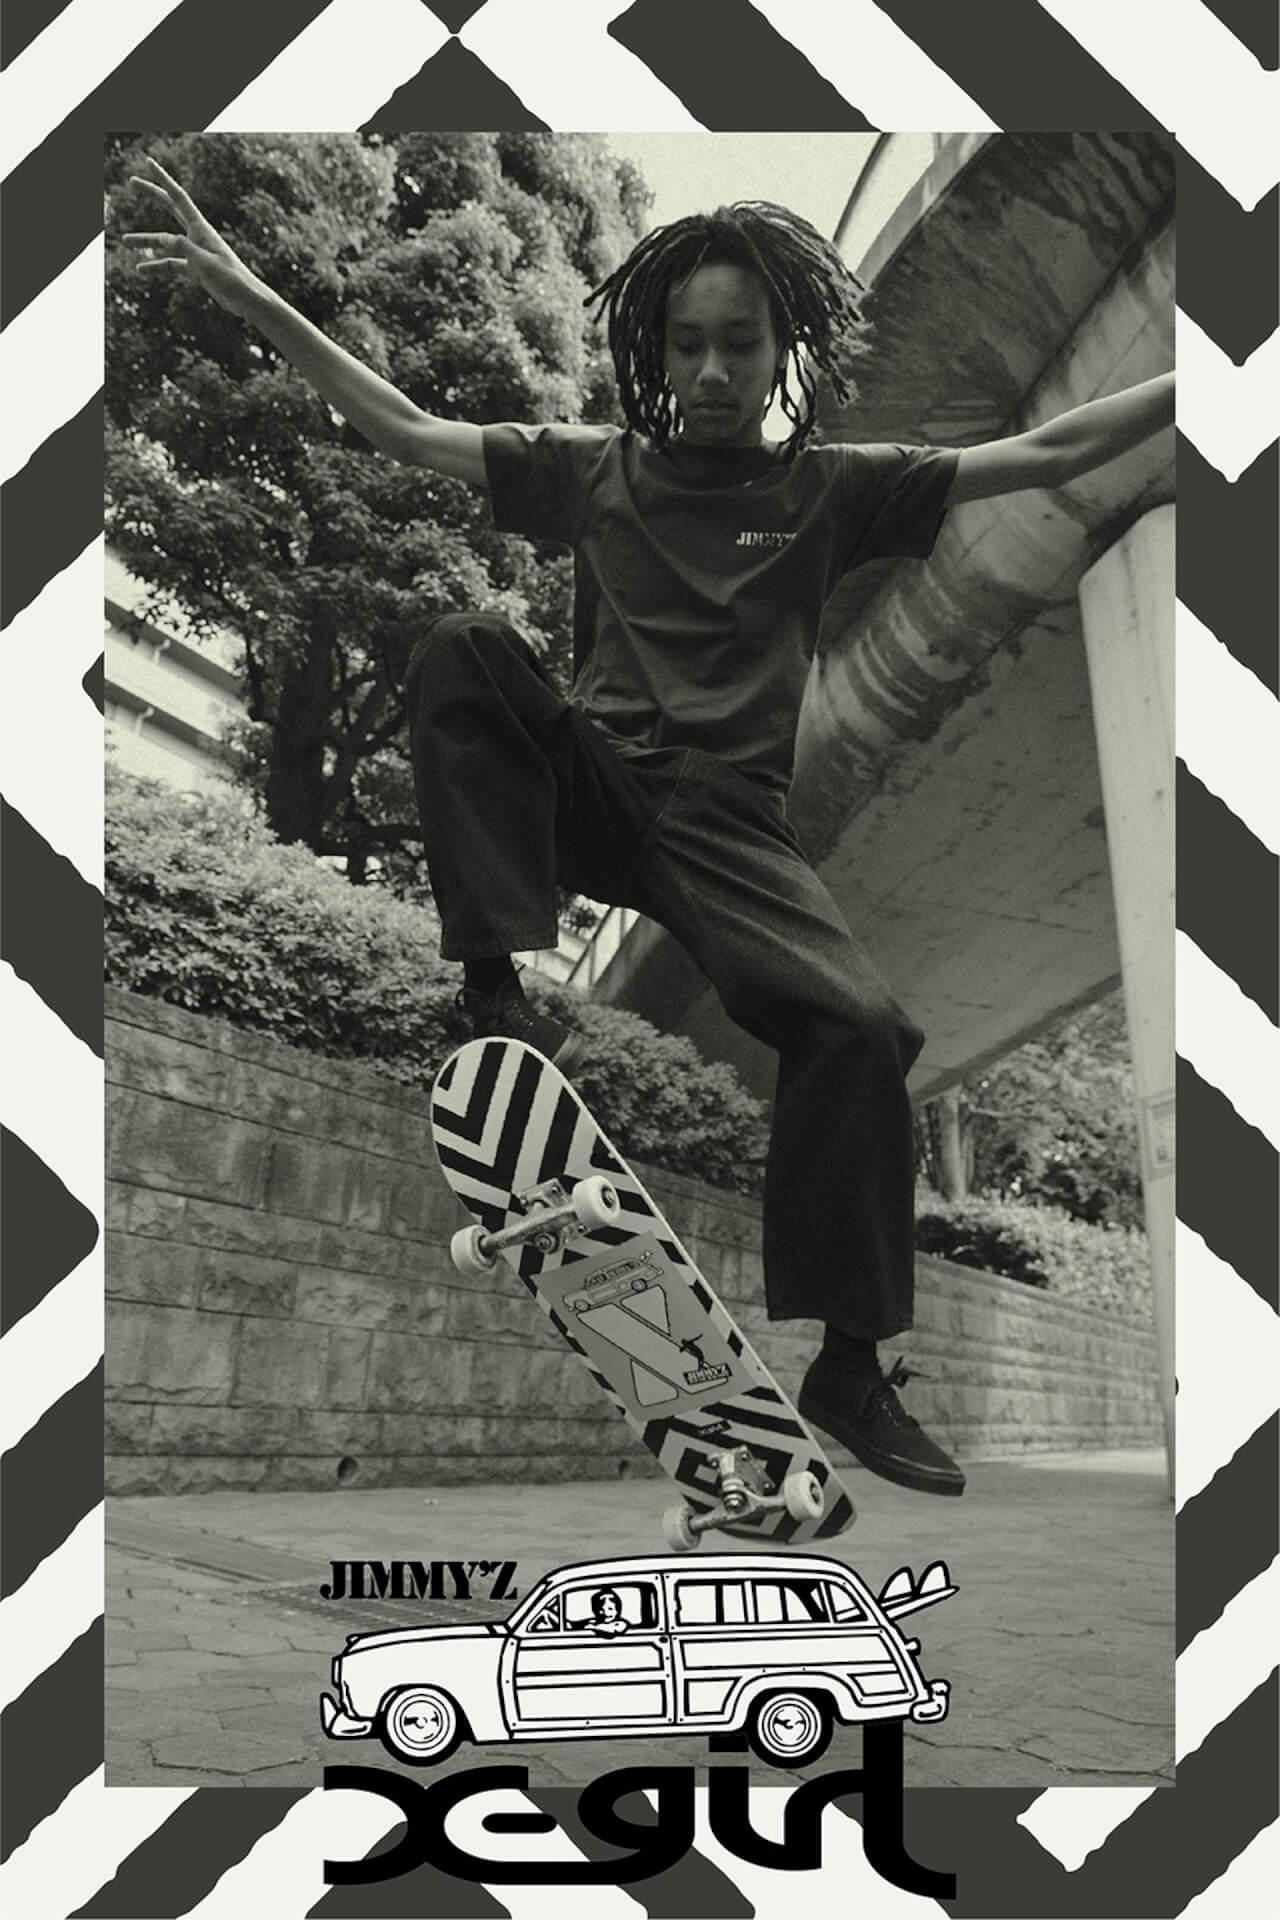 X-girlが南カリフォルニア発のサーフ&スケートブランドJIMMY'Zとのコラボコレクションを発表!先行予約開始中 life210607_jimmyz-x-girl_1